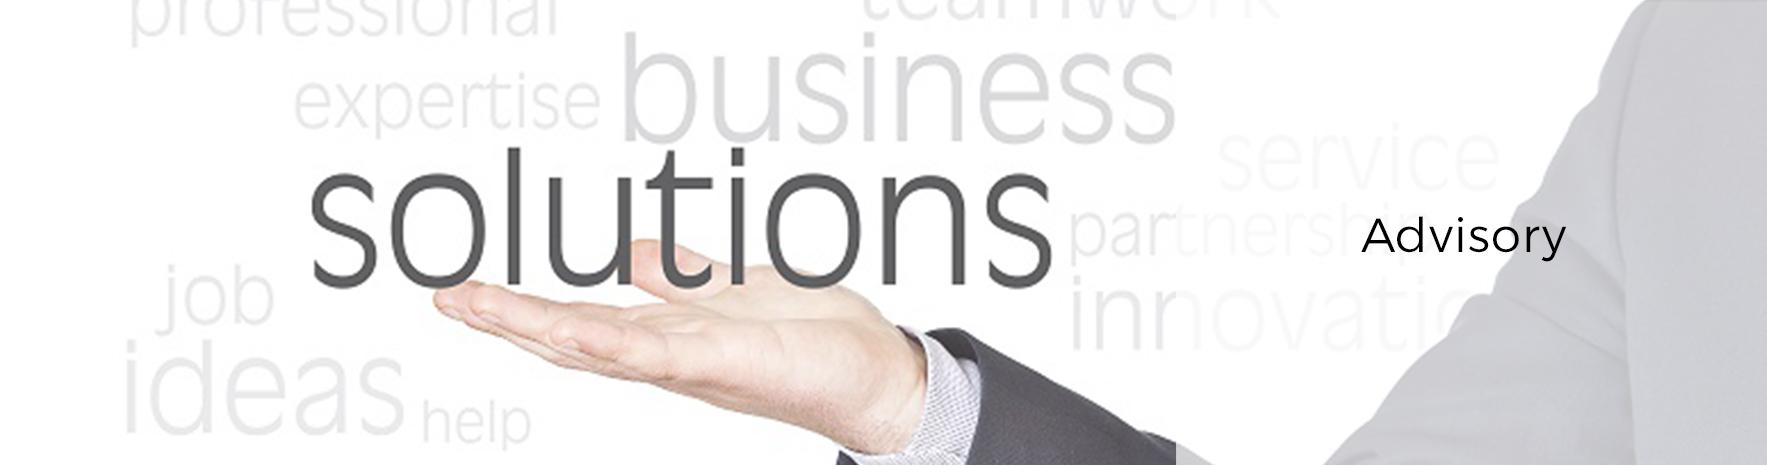 medvance-advisory-hand-banner